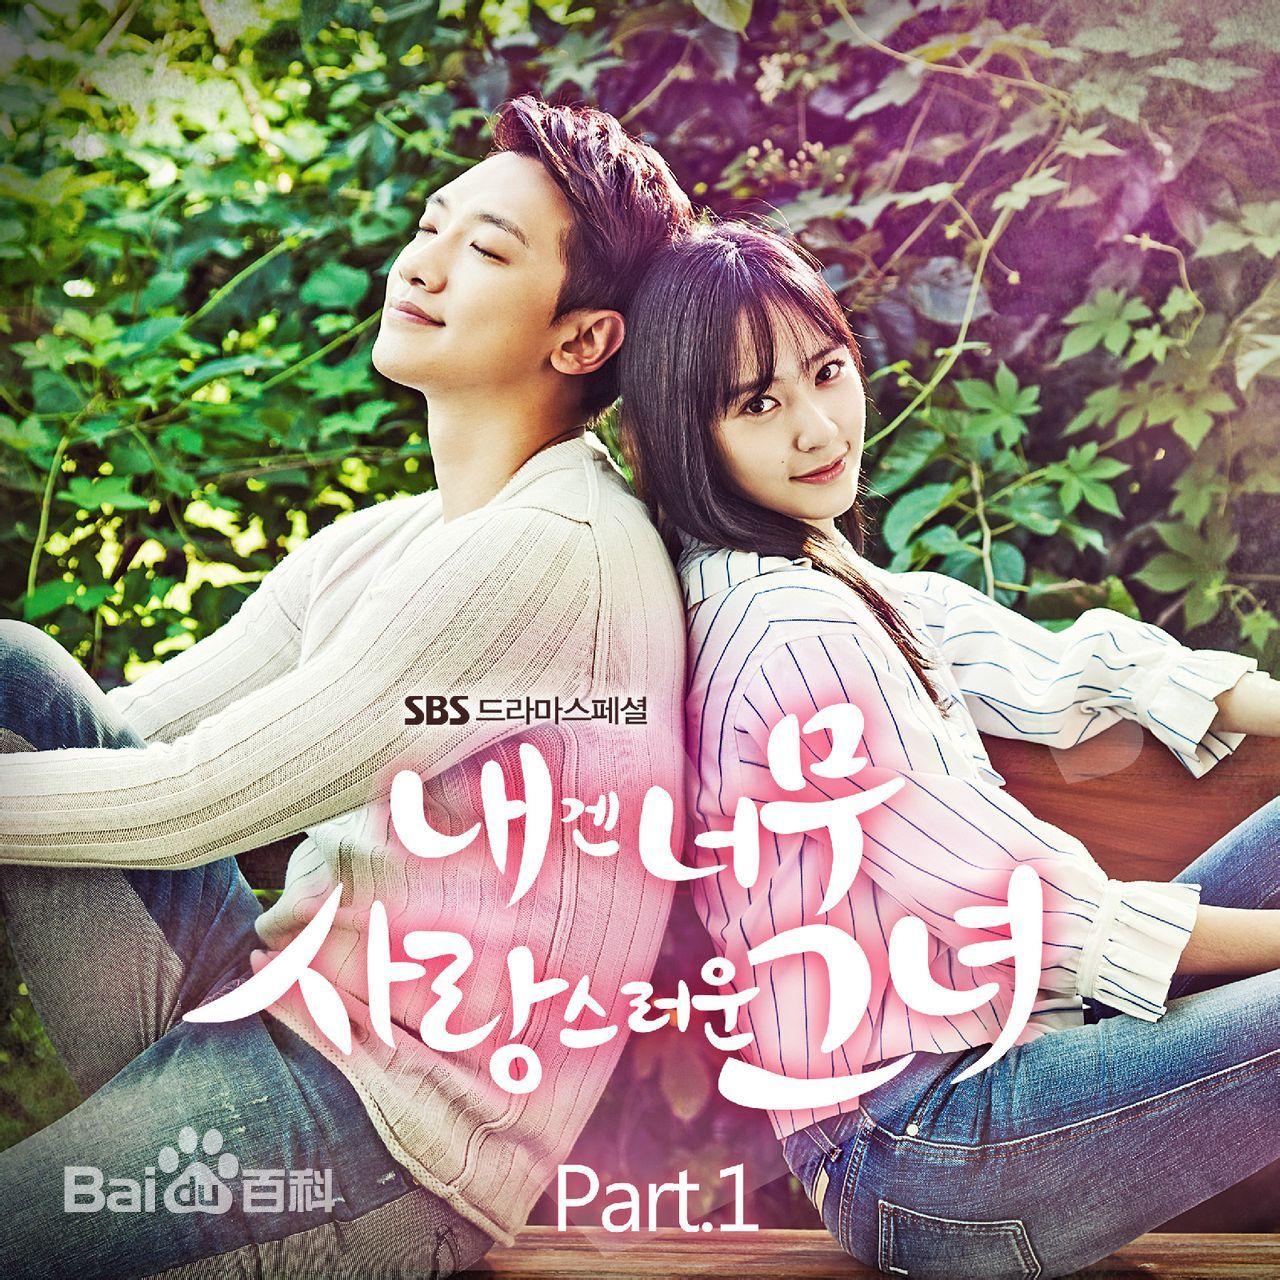 """《对我而言,可爱的她》是韩国SBS电视台于2014年9月17日起播出的水木剧。由朴亨基导演,卢智雪编剧,郑智薰(Rain)、郑秀晶(Krystal)、金明洙(L)、车艺莲领衔主演。 该剧以假想经纪公司为背景舞台,讲述了怀揣称霸歌谣界的梦想,充满热情却因背后的明争暗斗而黯然失色的年轻人,遇到了给予她帮助的""""长腿叔叔""""因此重新绽放光彩的励志故事 。 《对我而言,可爱的她》创下韩国至今向中国输出电视剧价格的最高记录,以32亿韩元创造了韩剧在海外市场的新高度"""